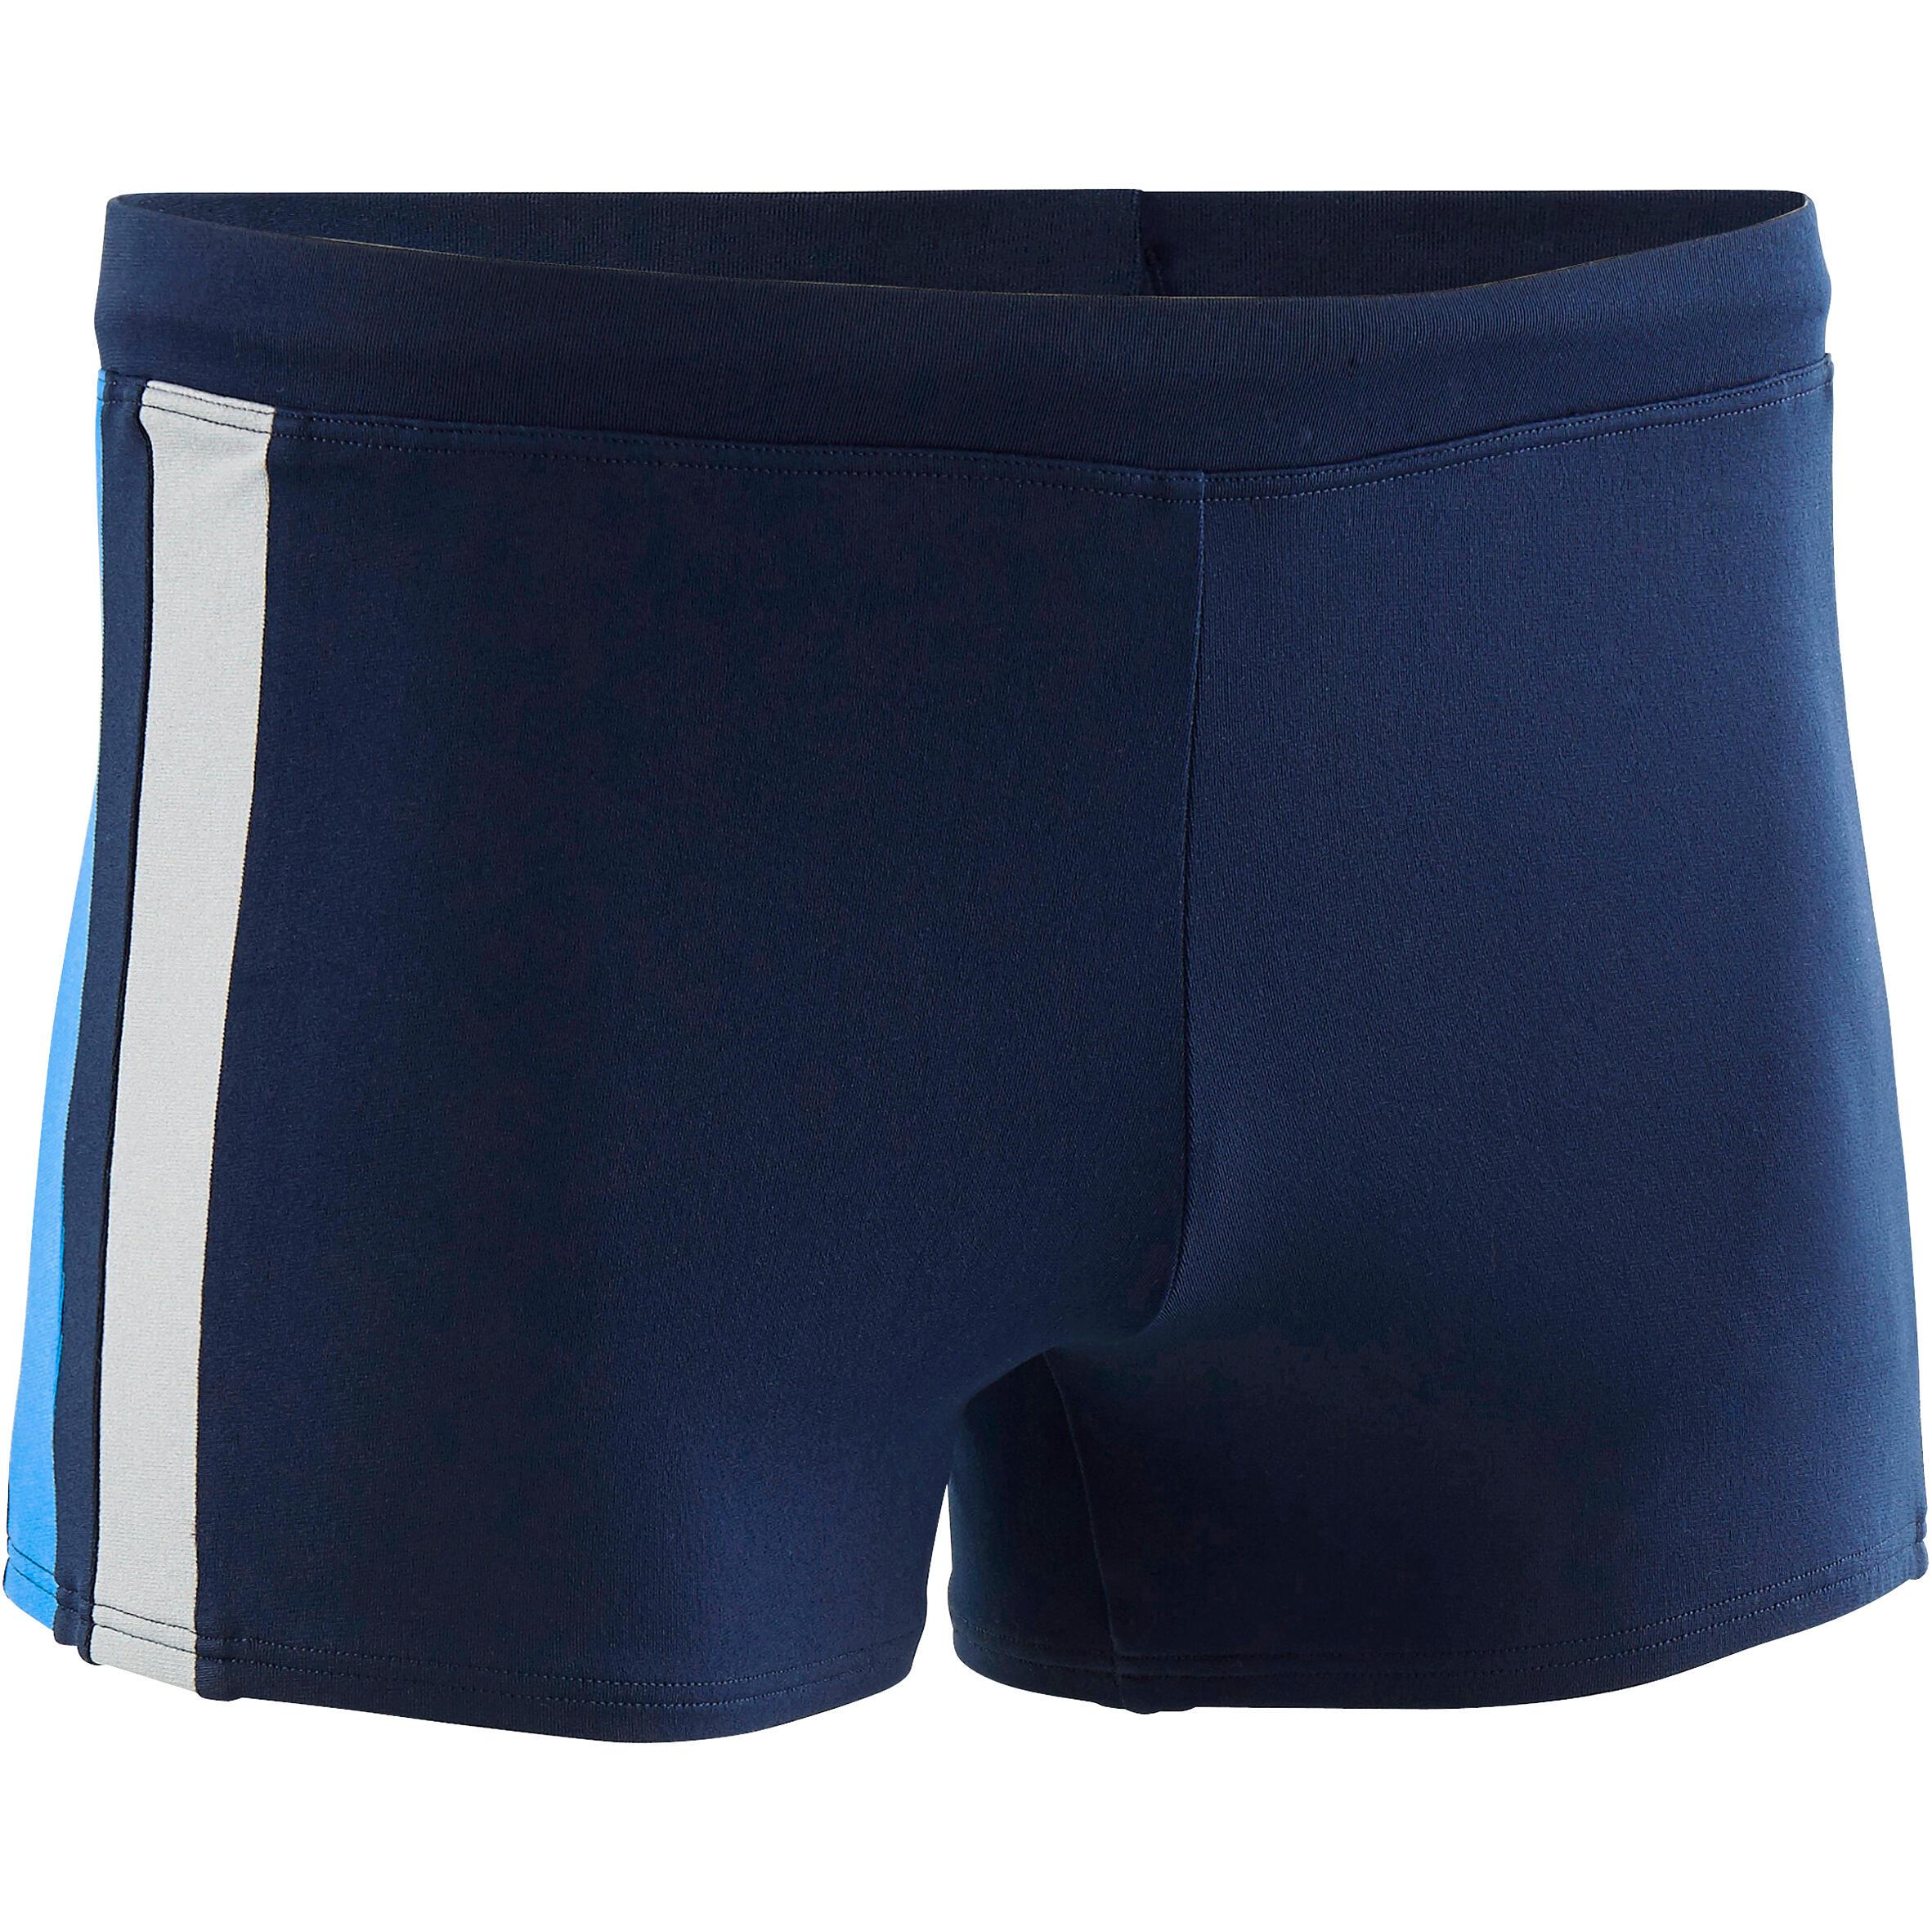 Herren Badehose Boxer 500 Yoke M Navy Herren blau | 03583788145745